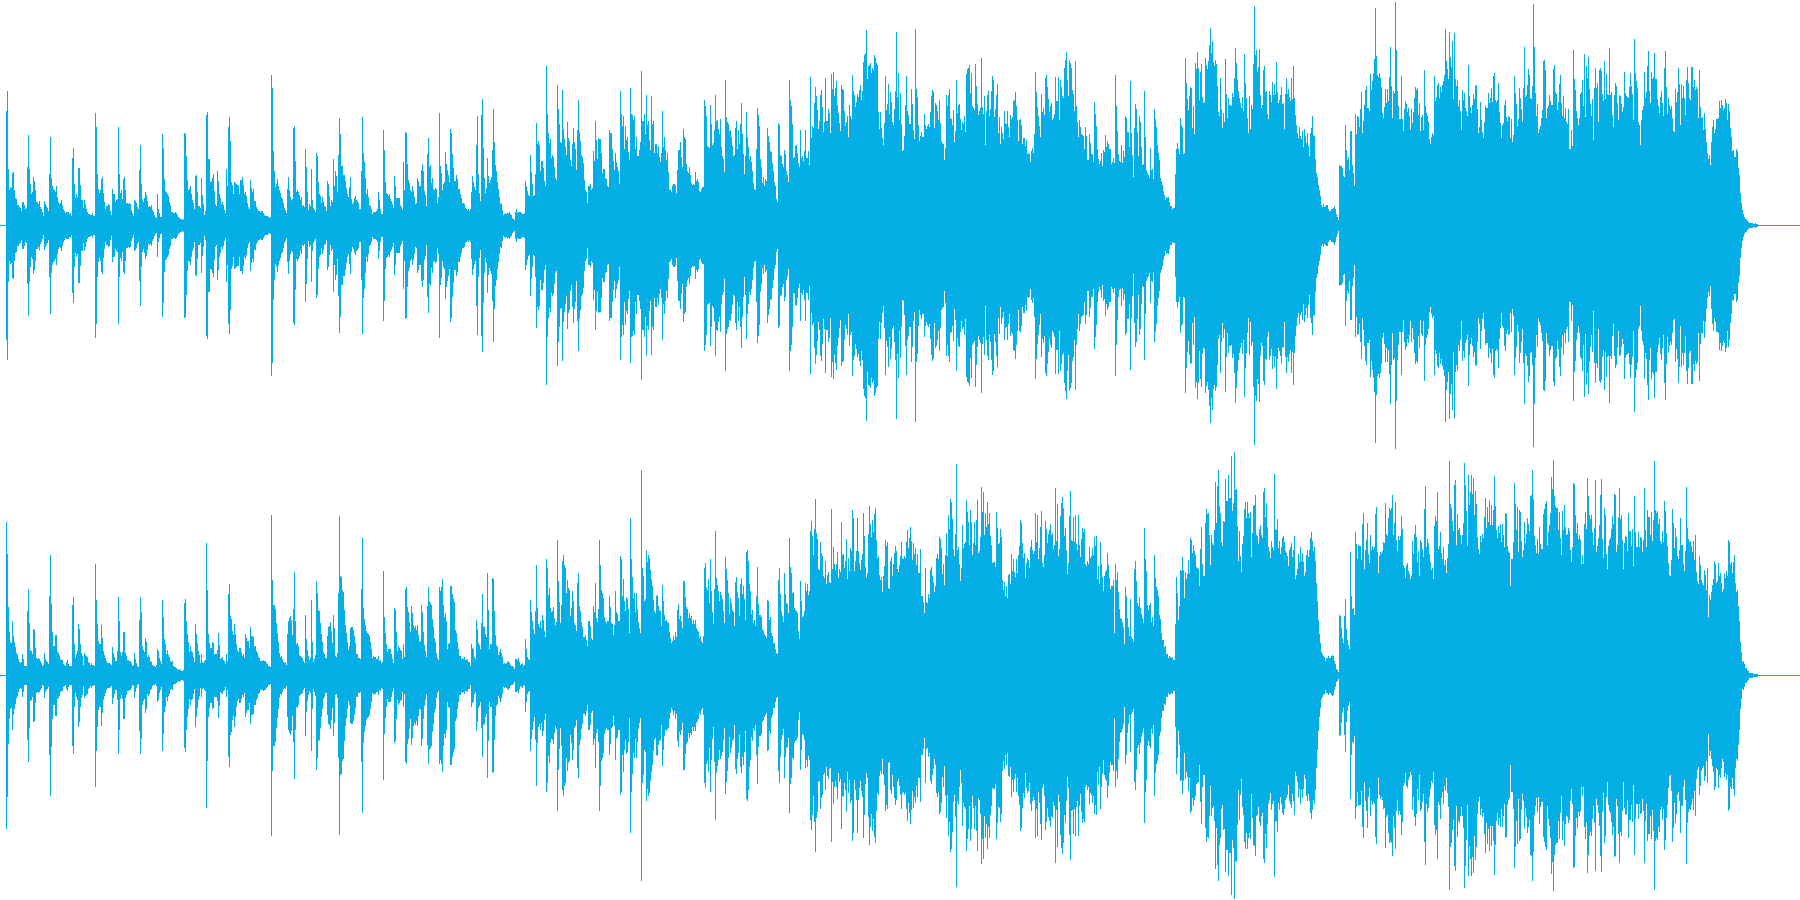 七夕の夜にぴったりな切ないバラードの再生済みの波形